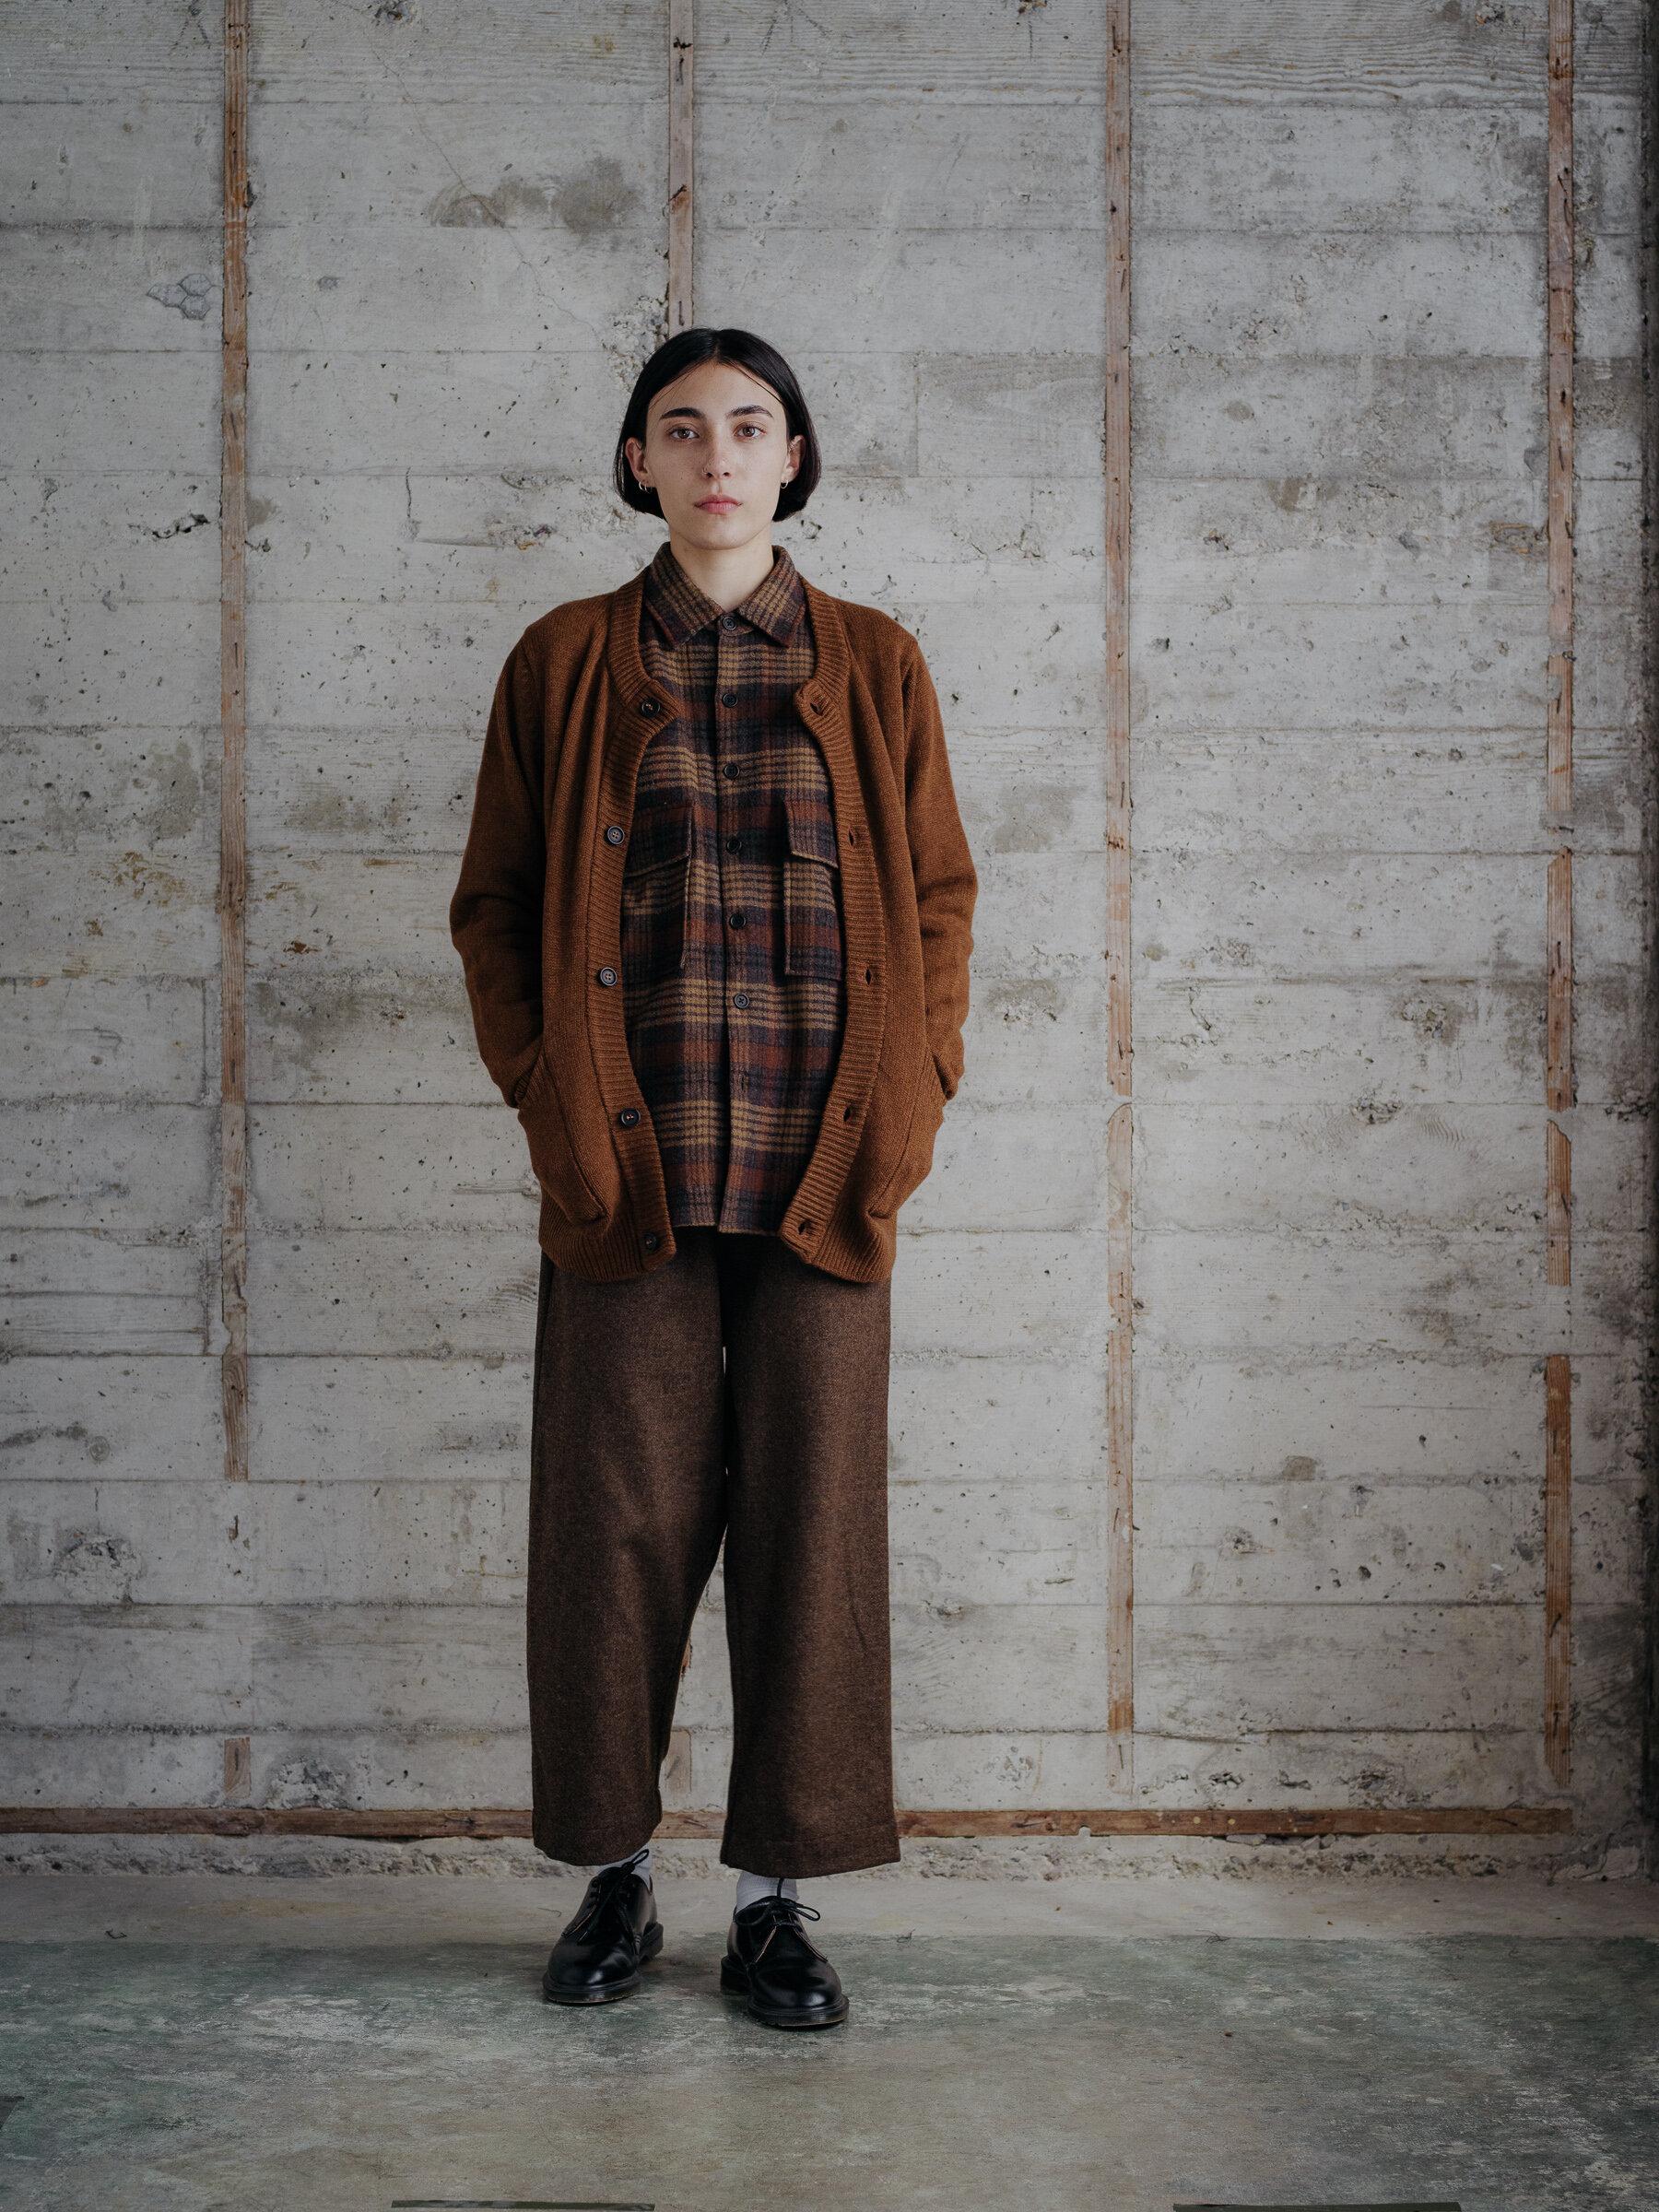 evan-kinori-crewneck-cardigan-sweater-cashmere-lambswool-made-in-italy-7